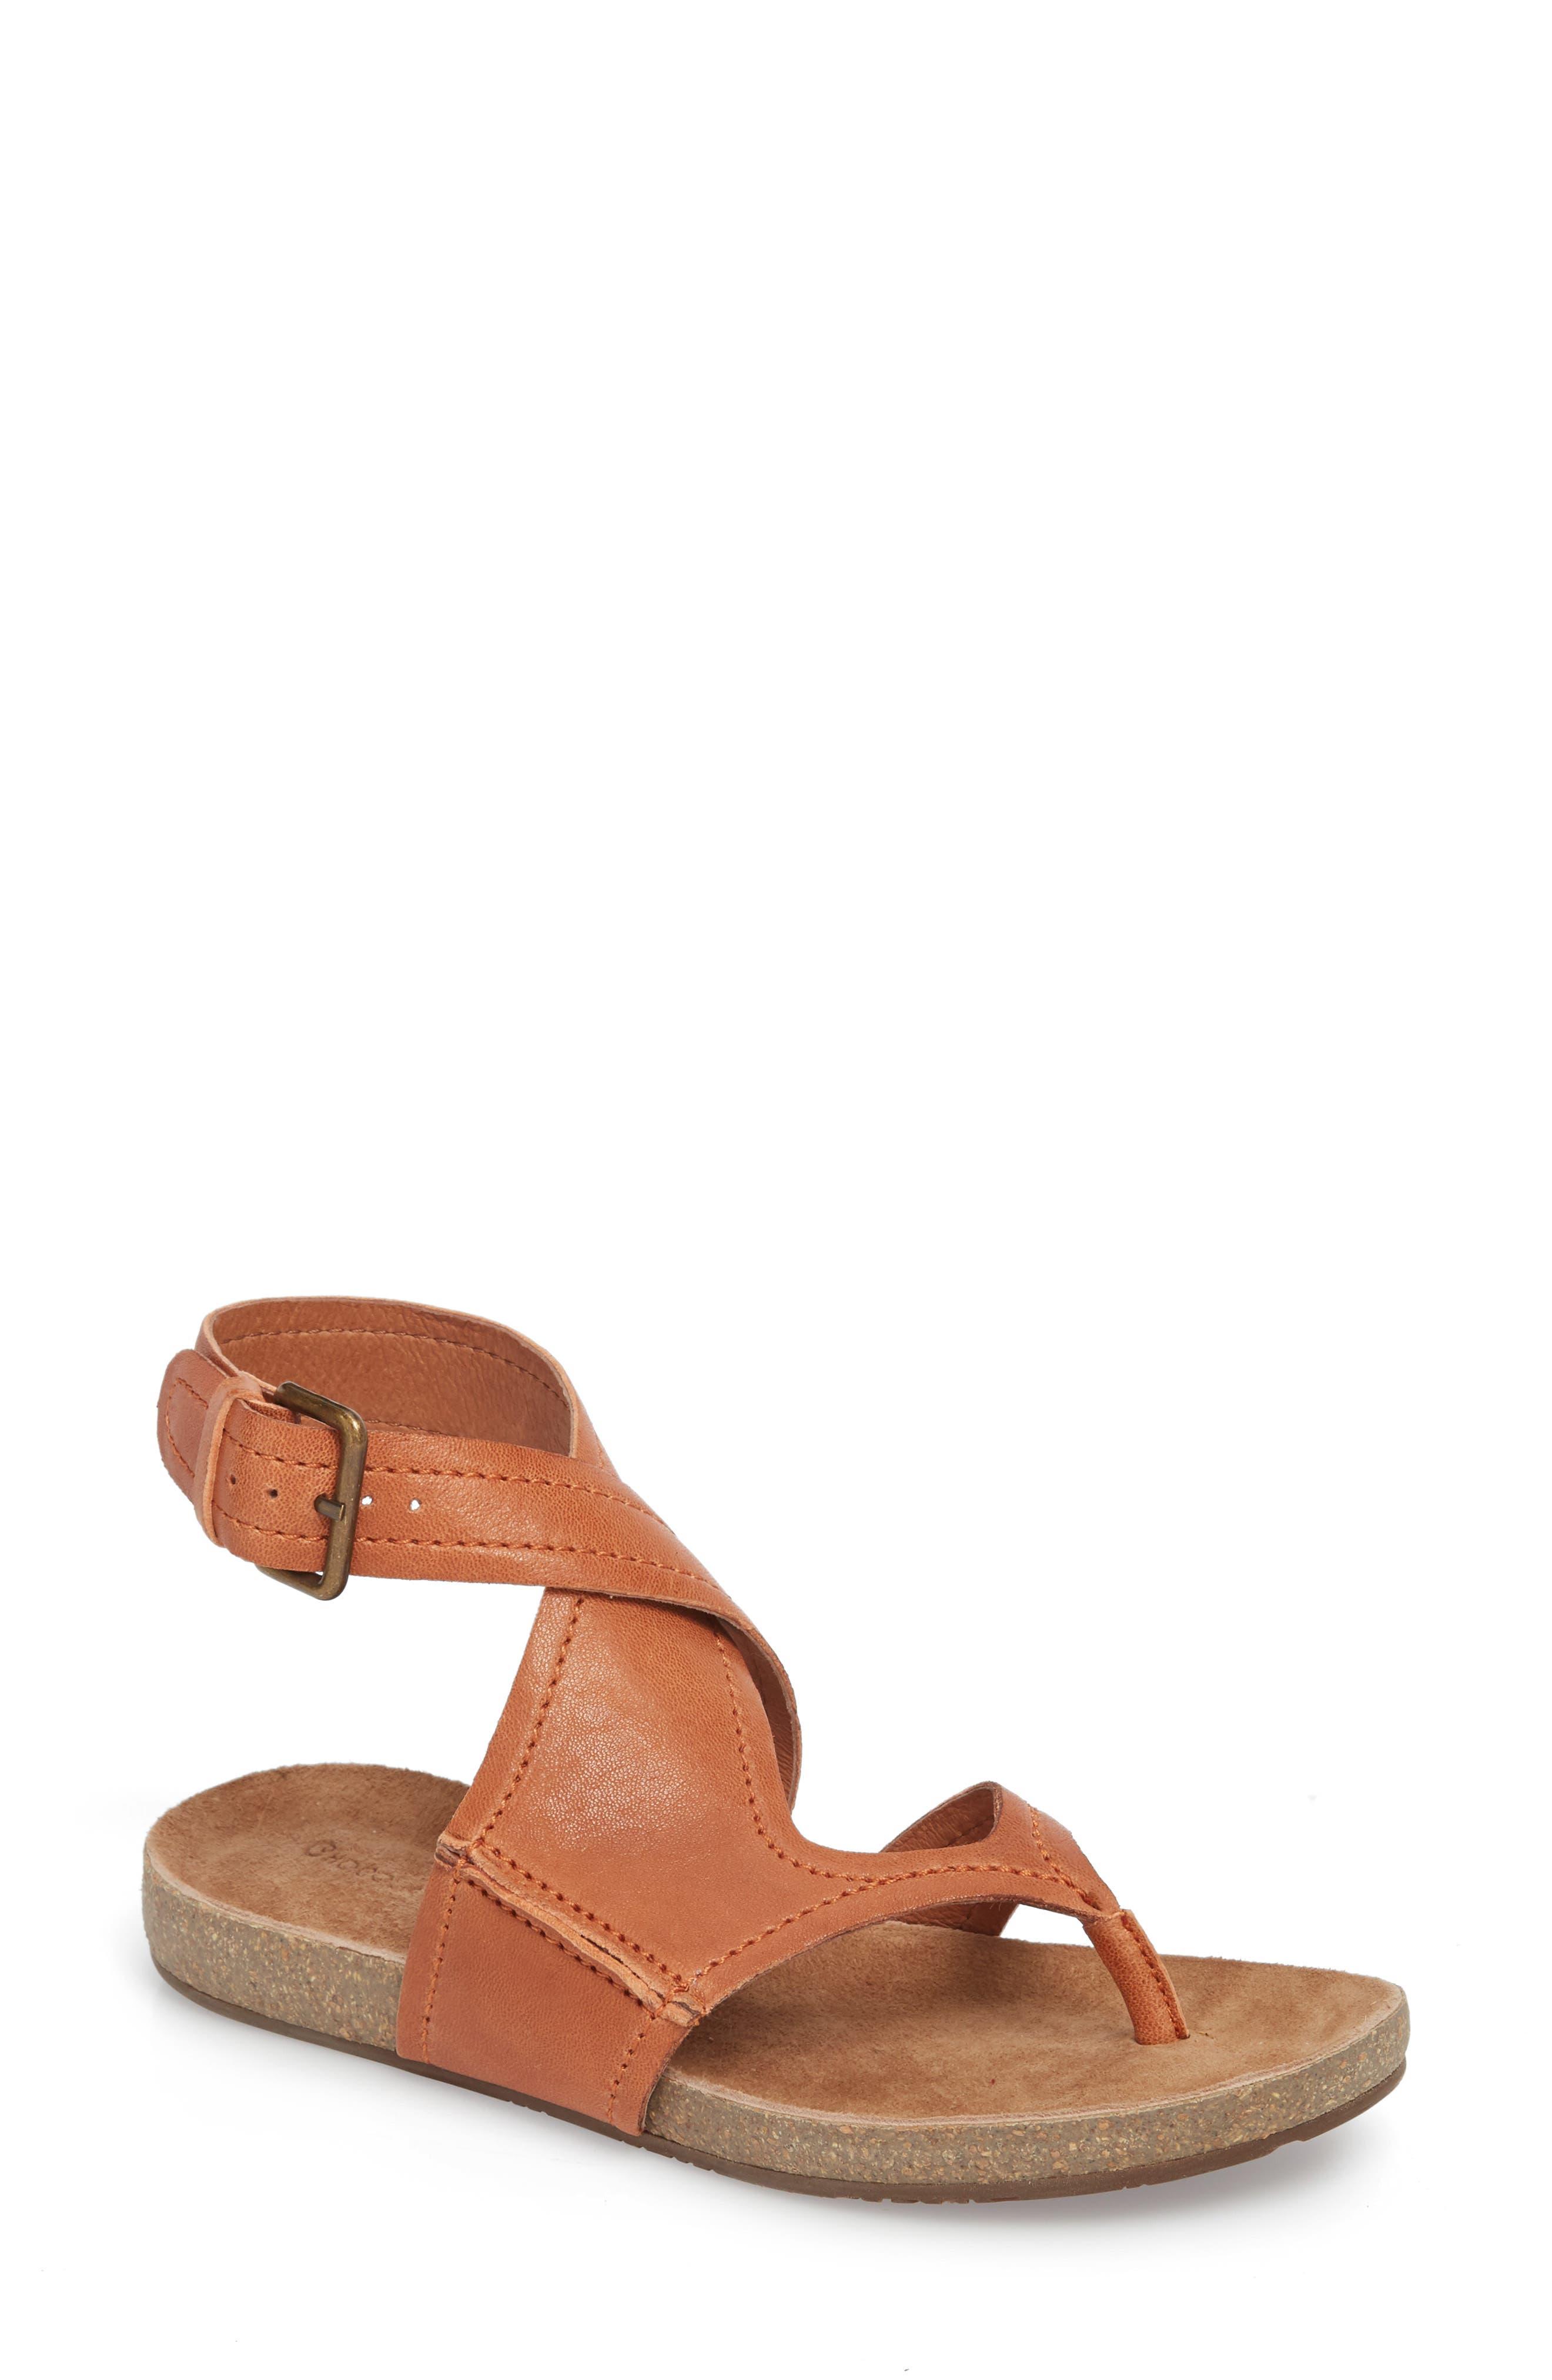 Alternate Image 1 Selected - Chocolat Blu Yagger Sandal (Women)